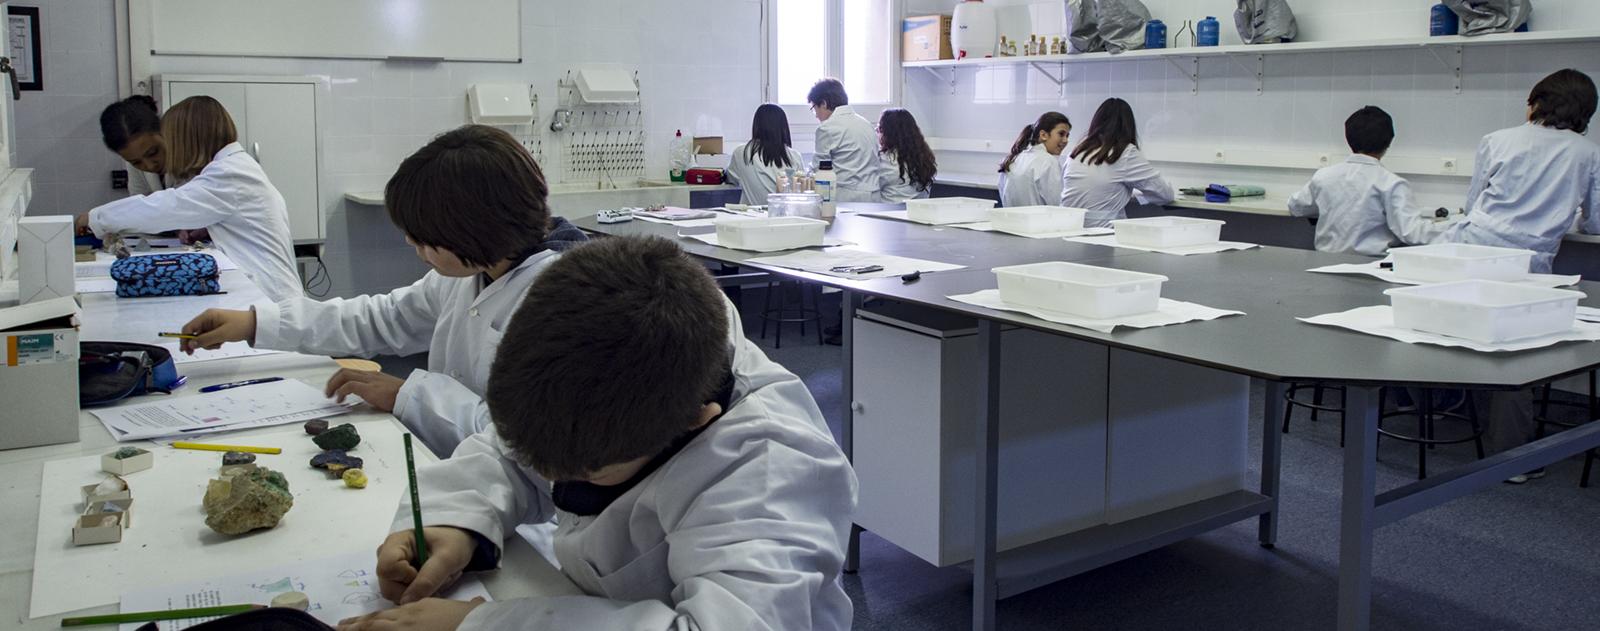 Una ESO per experimentar la ciència